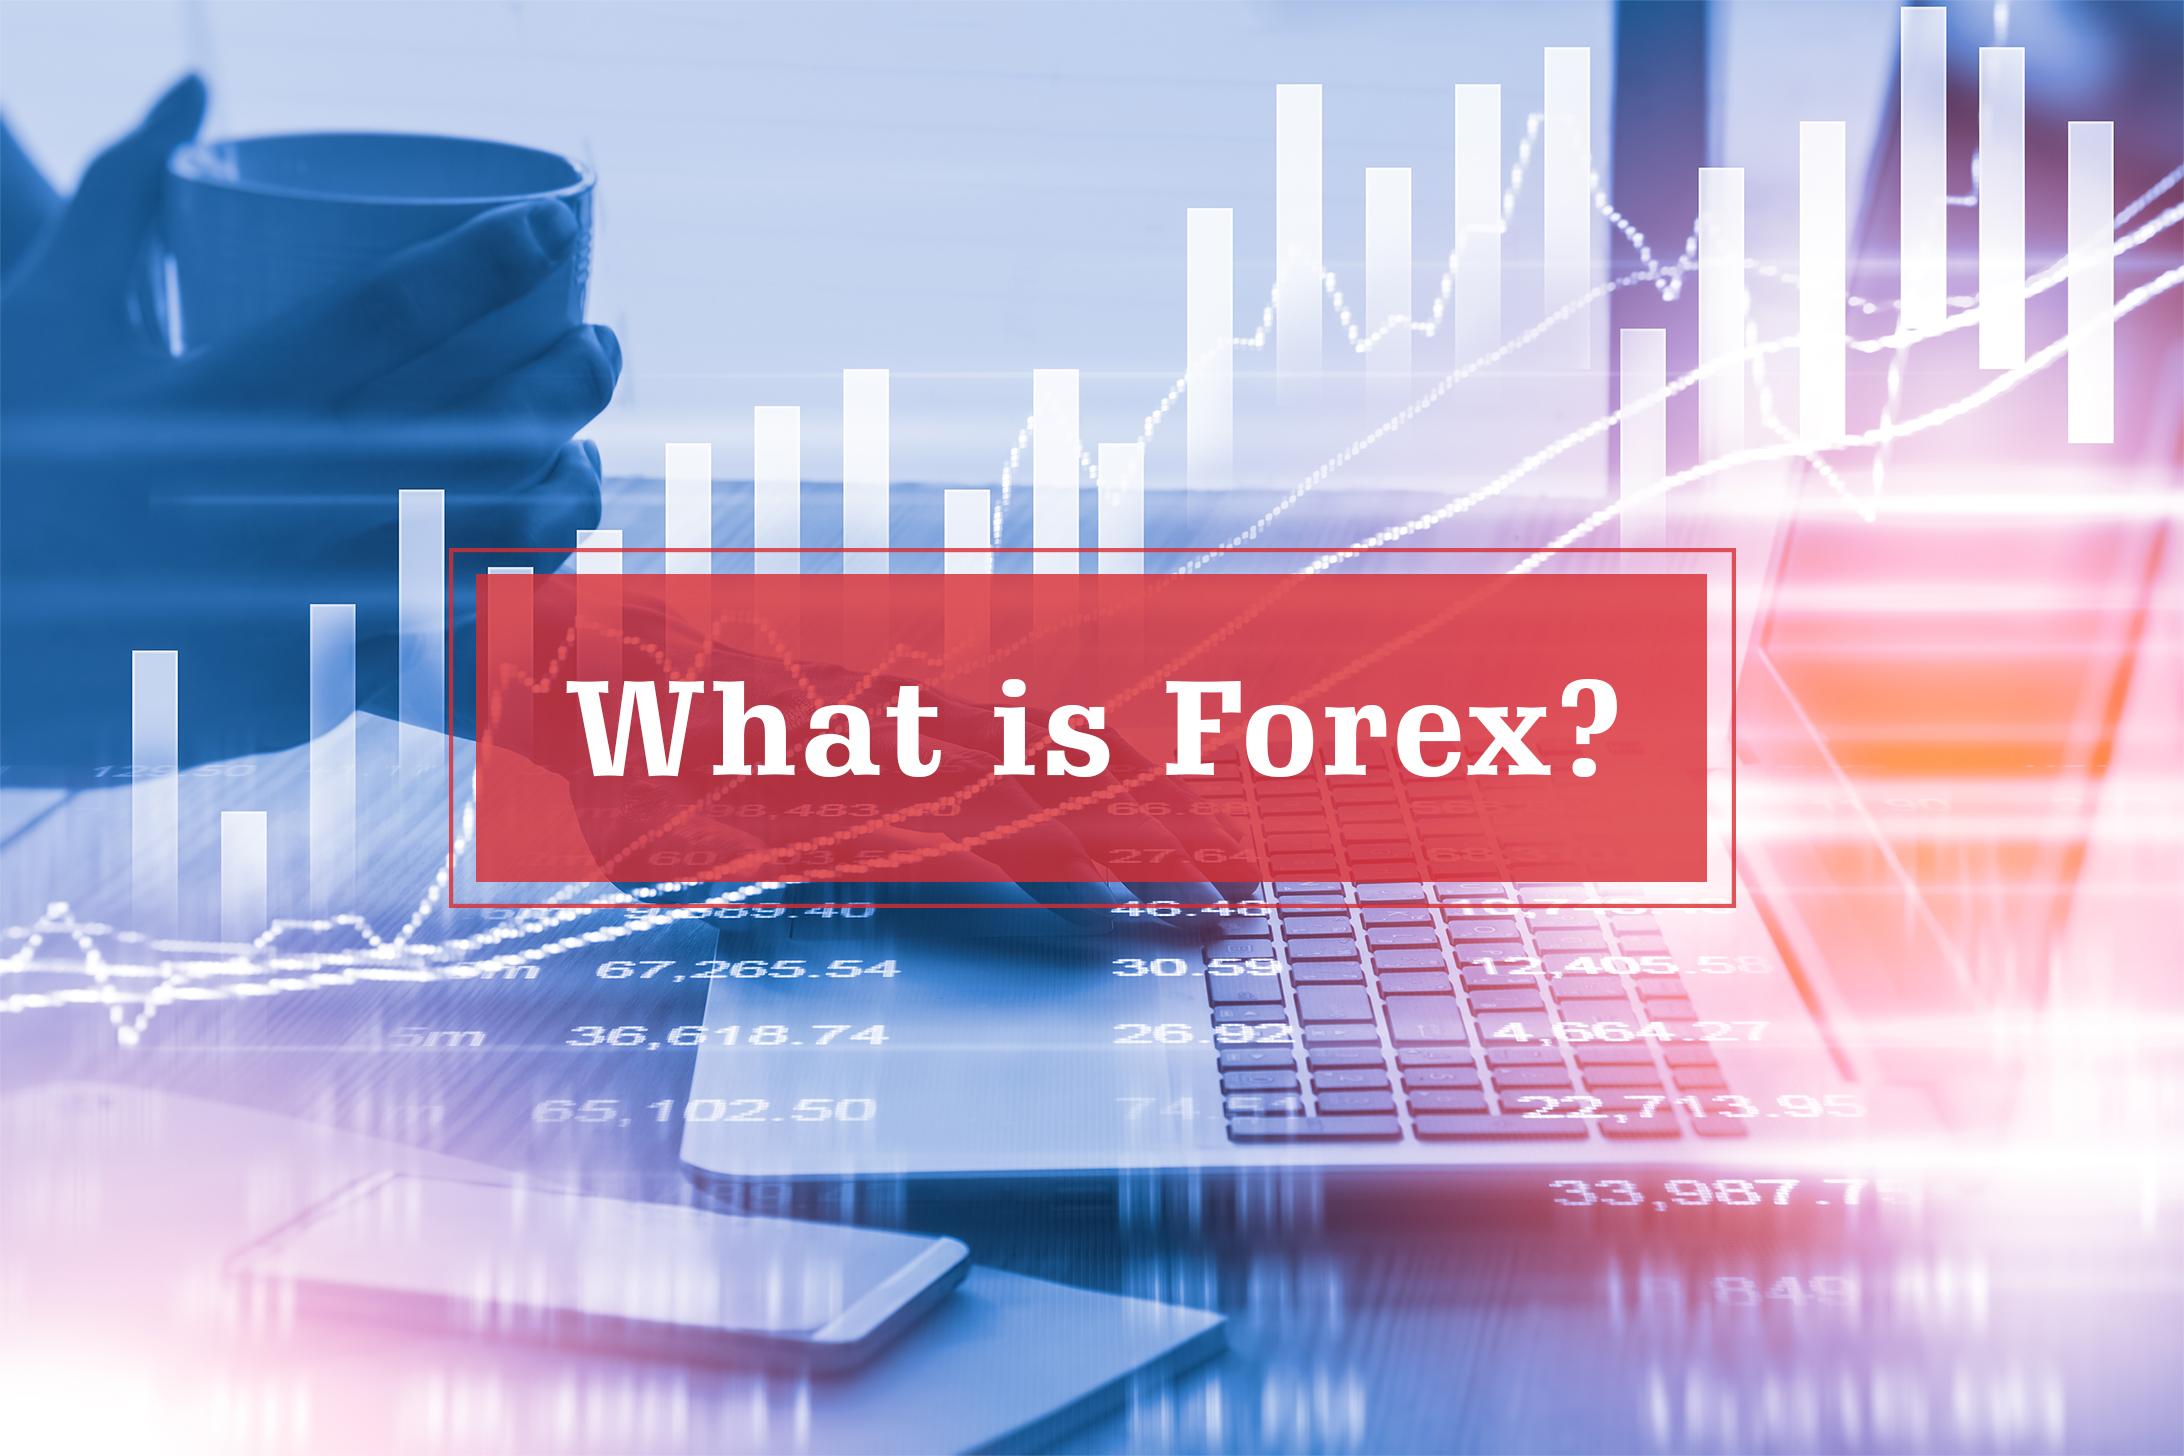 Best forex algo platform: Consultor forex